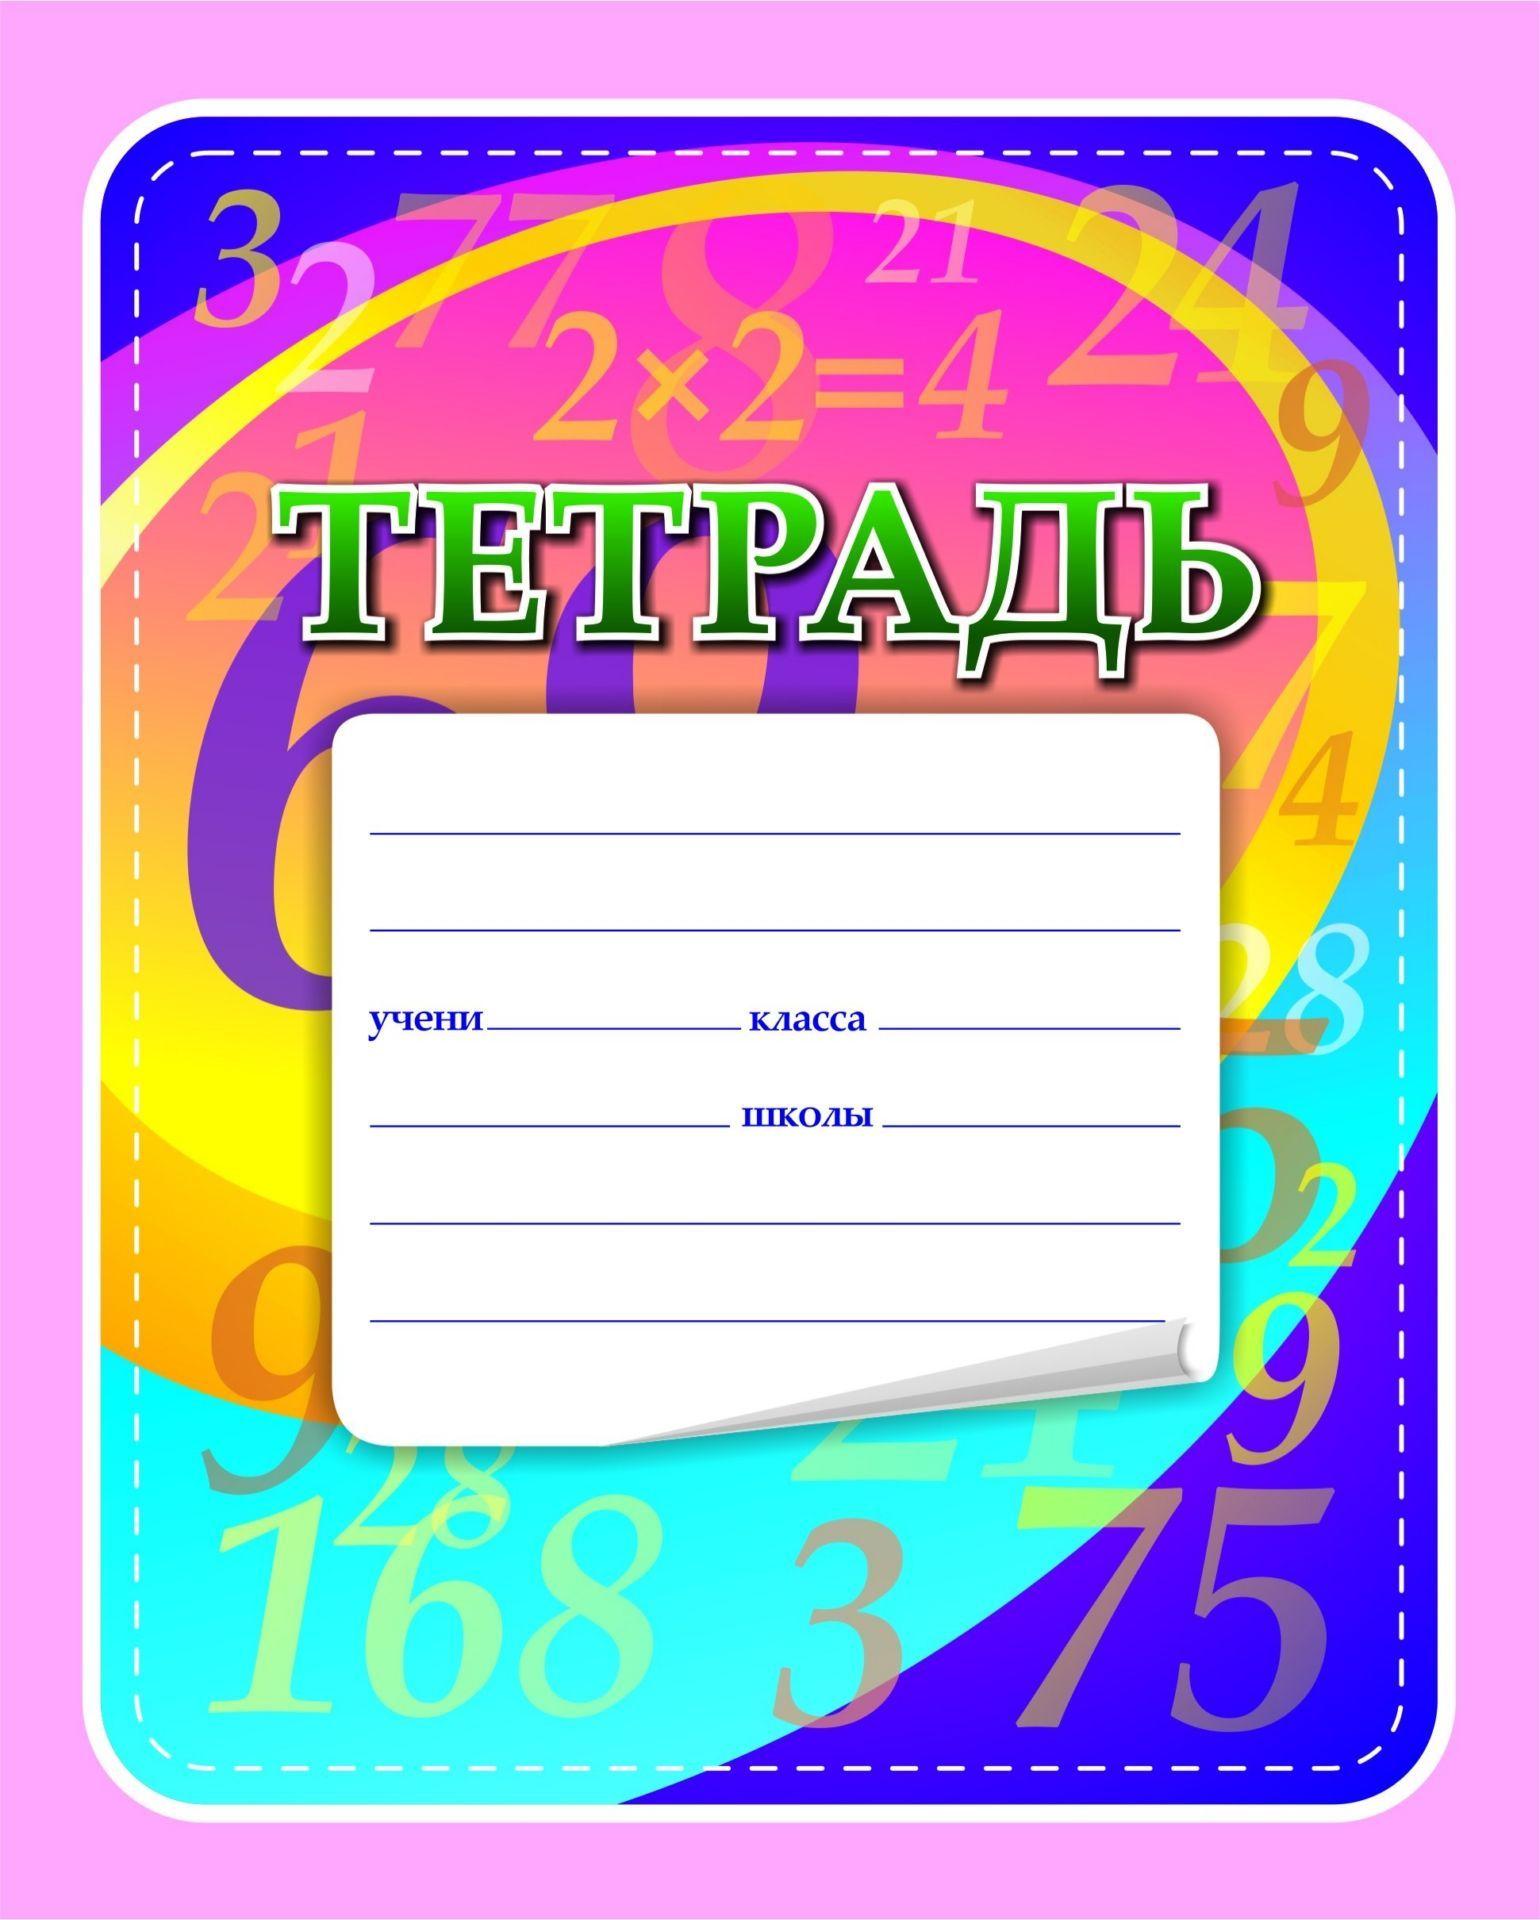 Тетрадь по математике (с таблицей умножения)